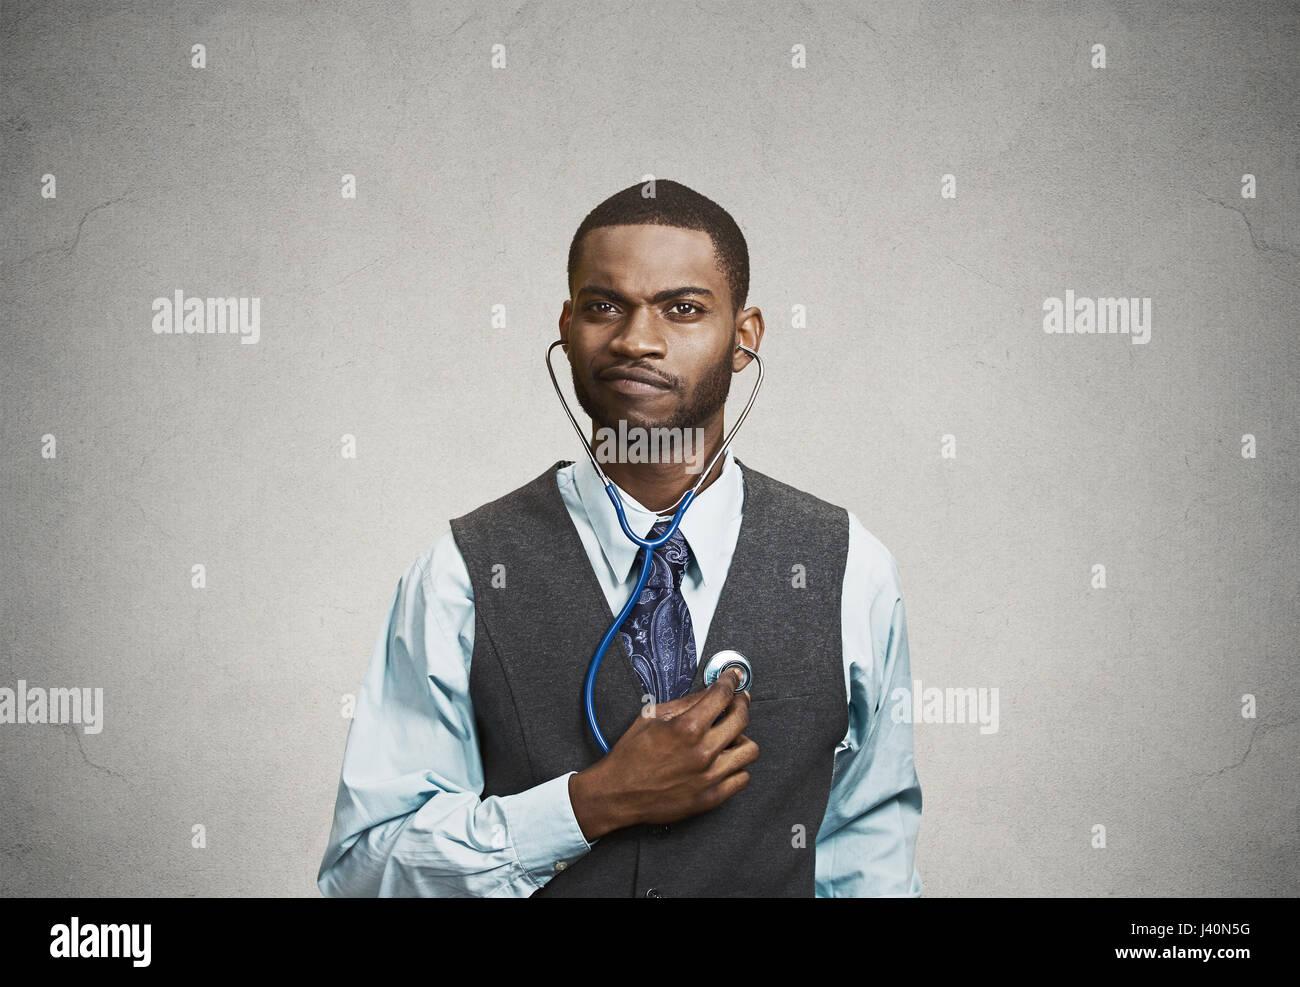 Closeup portrait homme exécutif grave, personne d'affaires, des travailleurs à l'écoute de Photo Stock